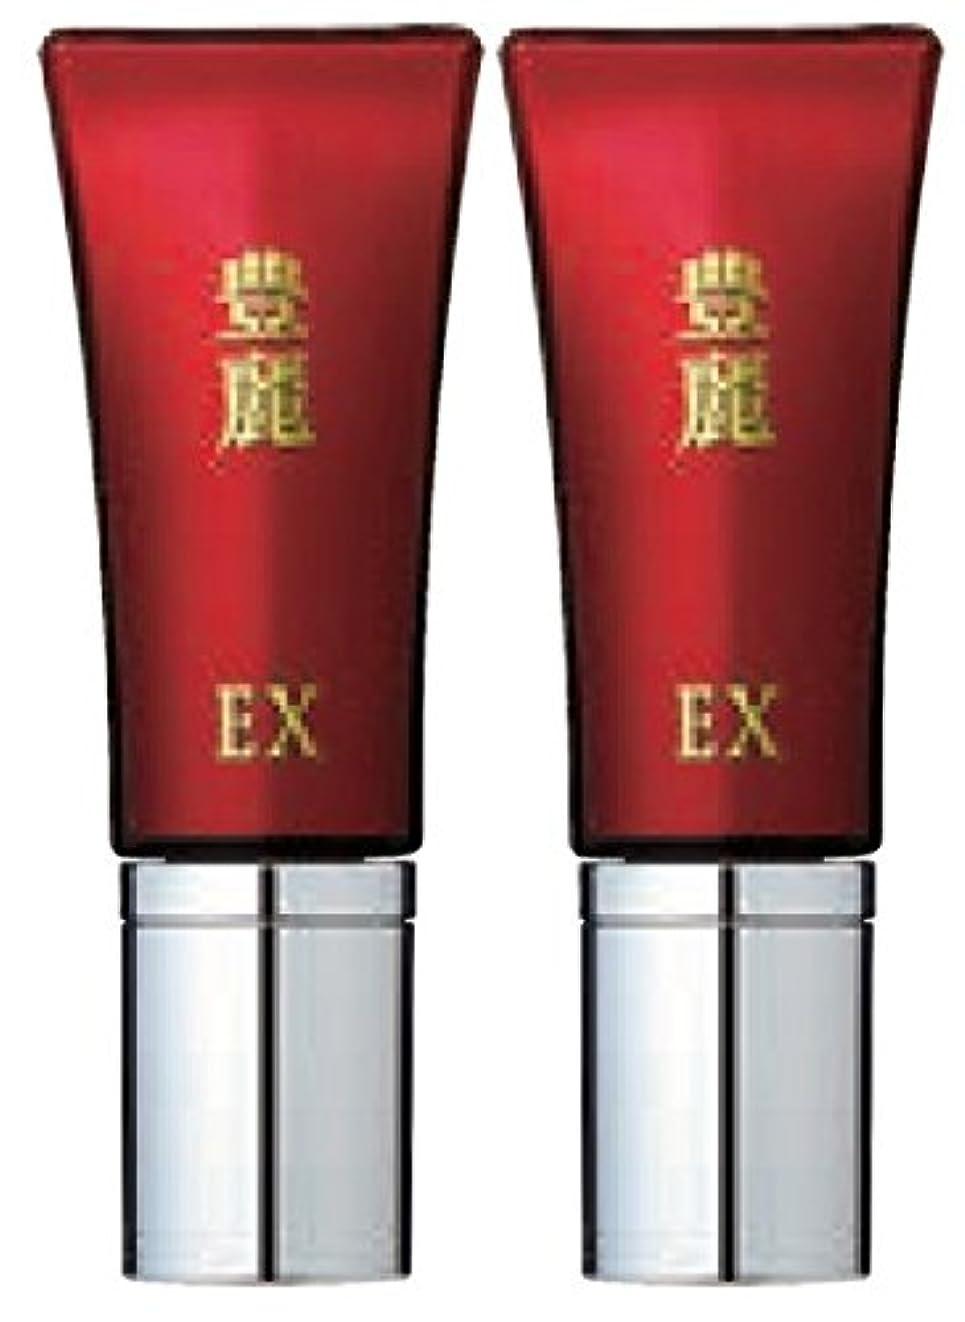 利得衣類アグネスグレイ豊麗EX 16g 2本セット TVショッピングで話題のハリ肌美容液